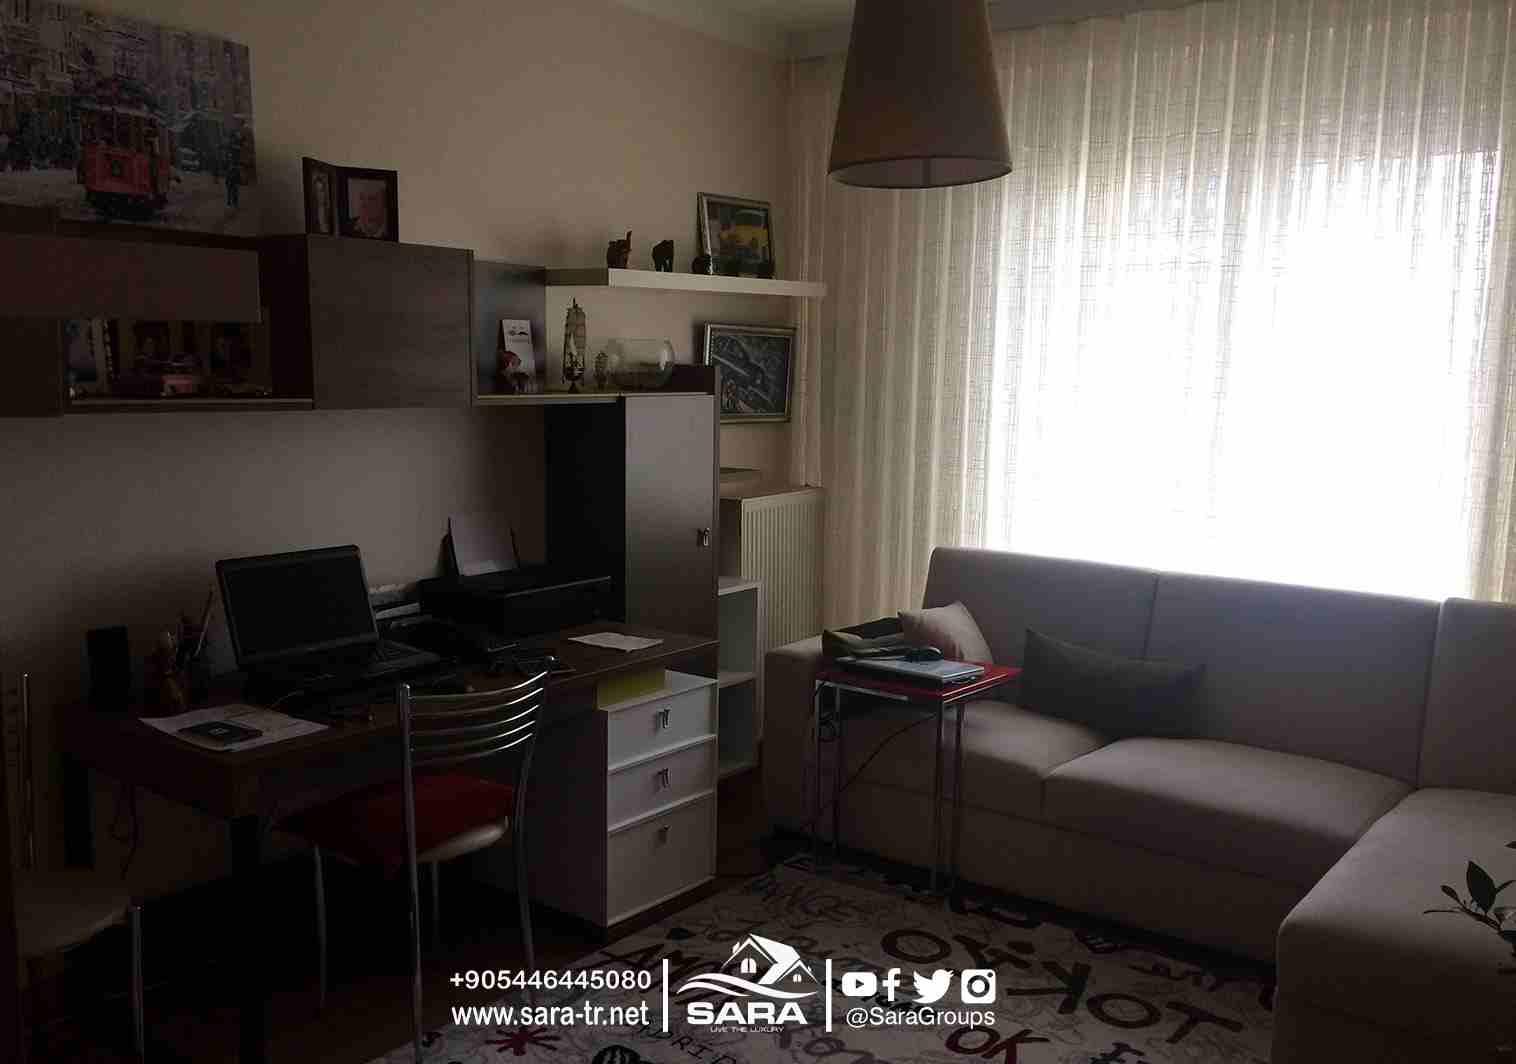 #شقة_للبيع_في مجمع آغا أوغلو  في باشاك شهير اسطنبول 2+1  ● تعتبر...